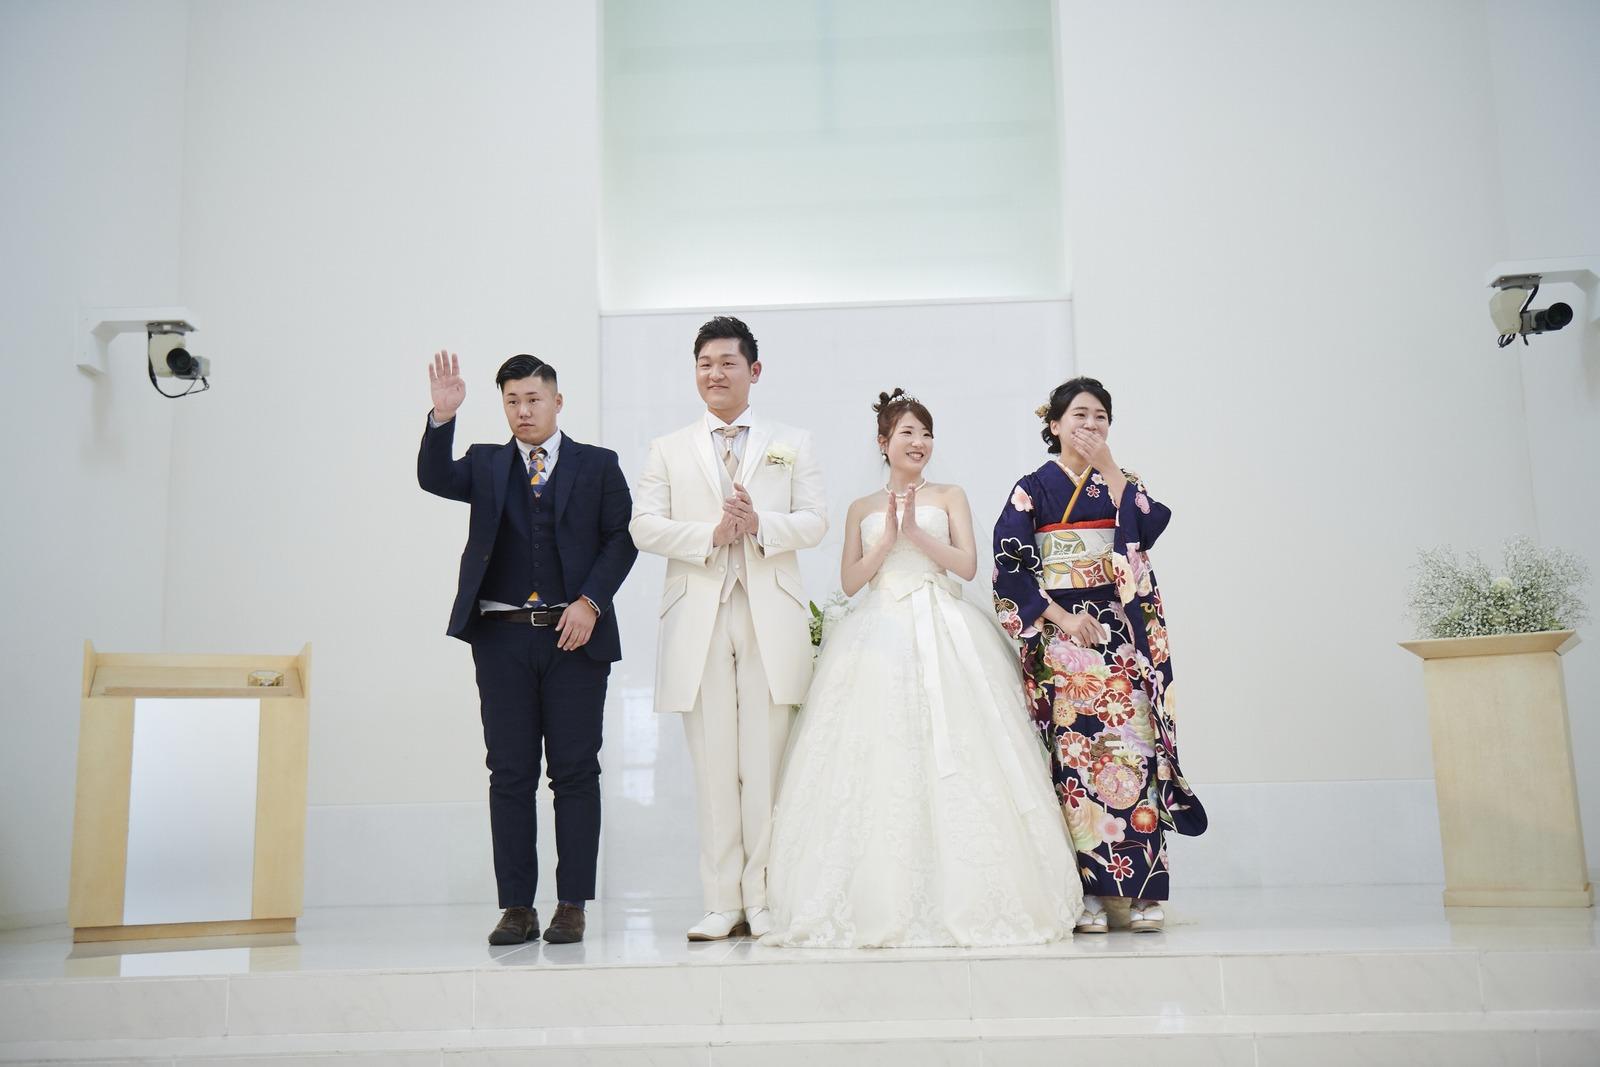 徳島市の結婚式場ブランアンジュの人前式で立会人と記念写真をとる新郎新婦様